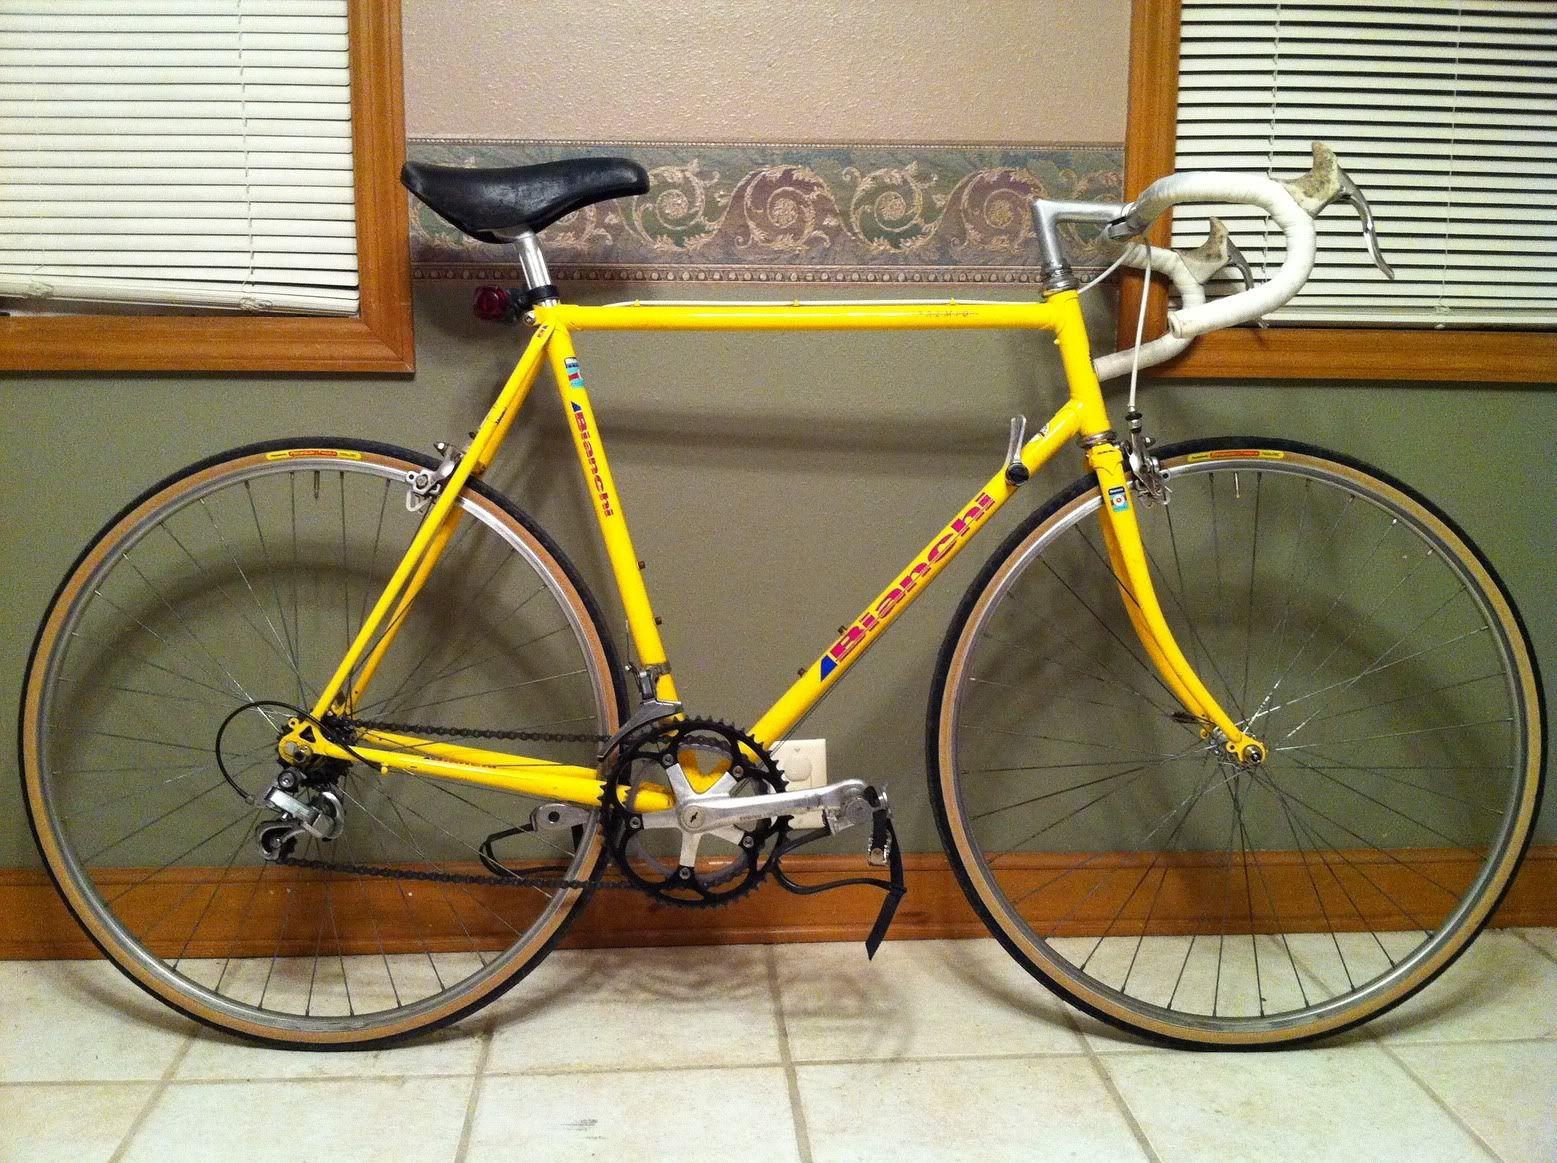 Vintage Bicycle Yellow Brake Hoods Google Search Vintage Bicycles Bicycle Bike